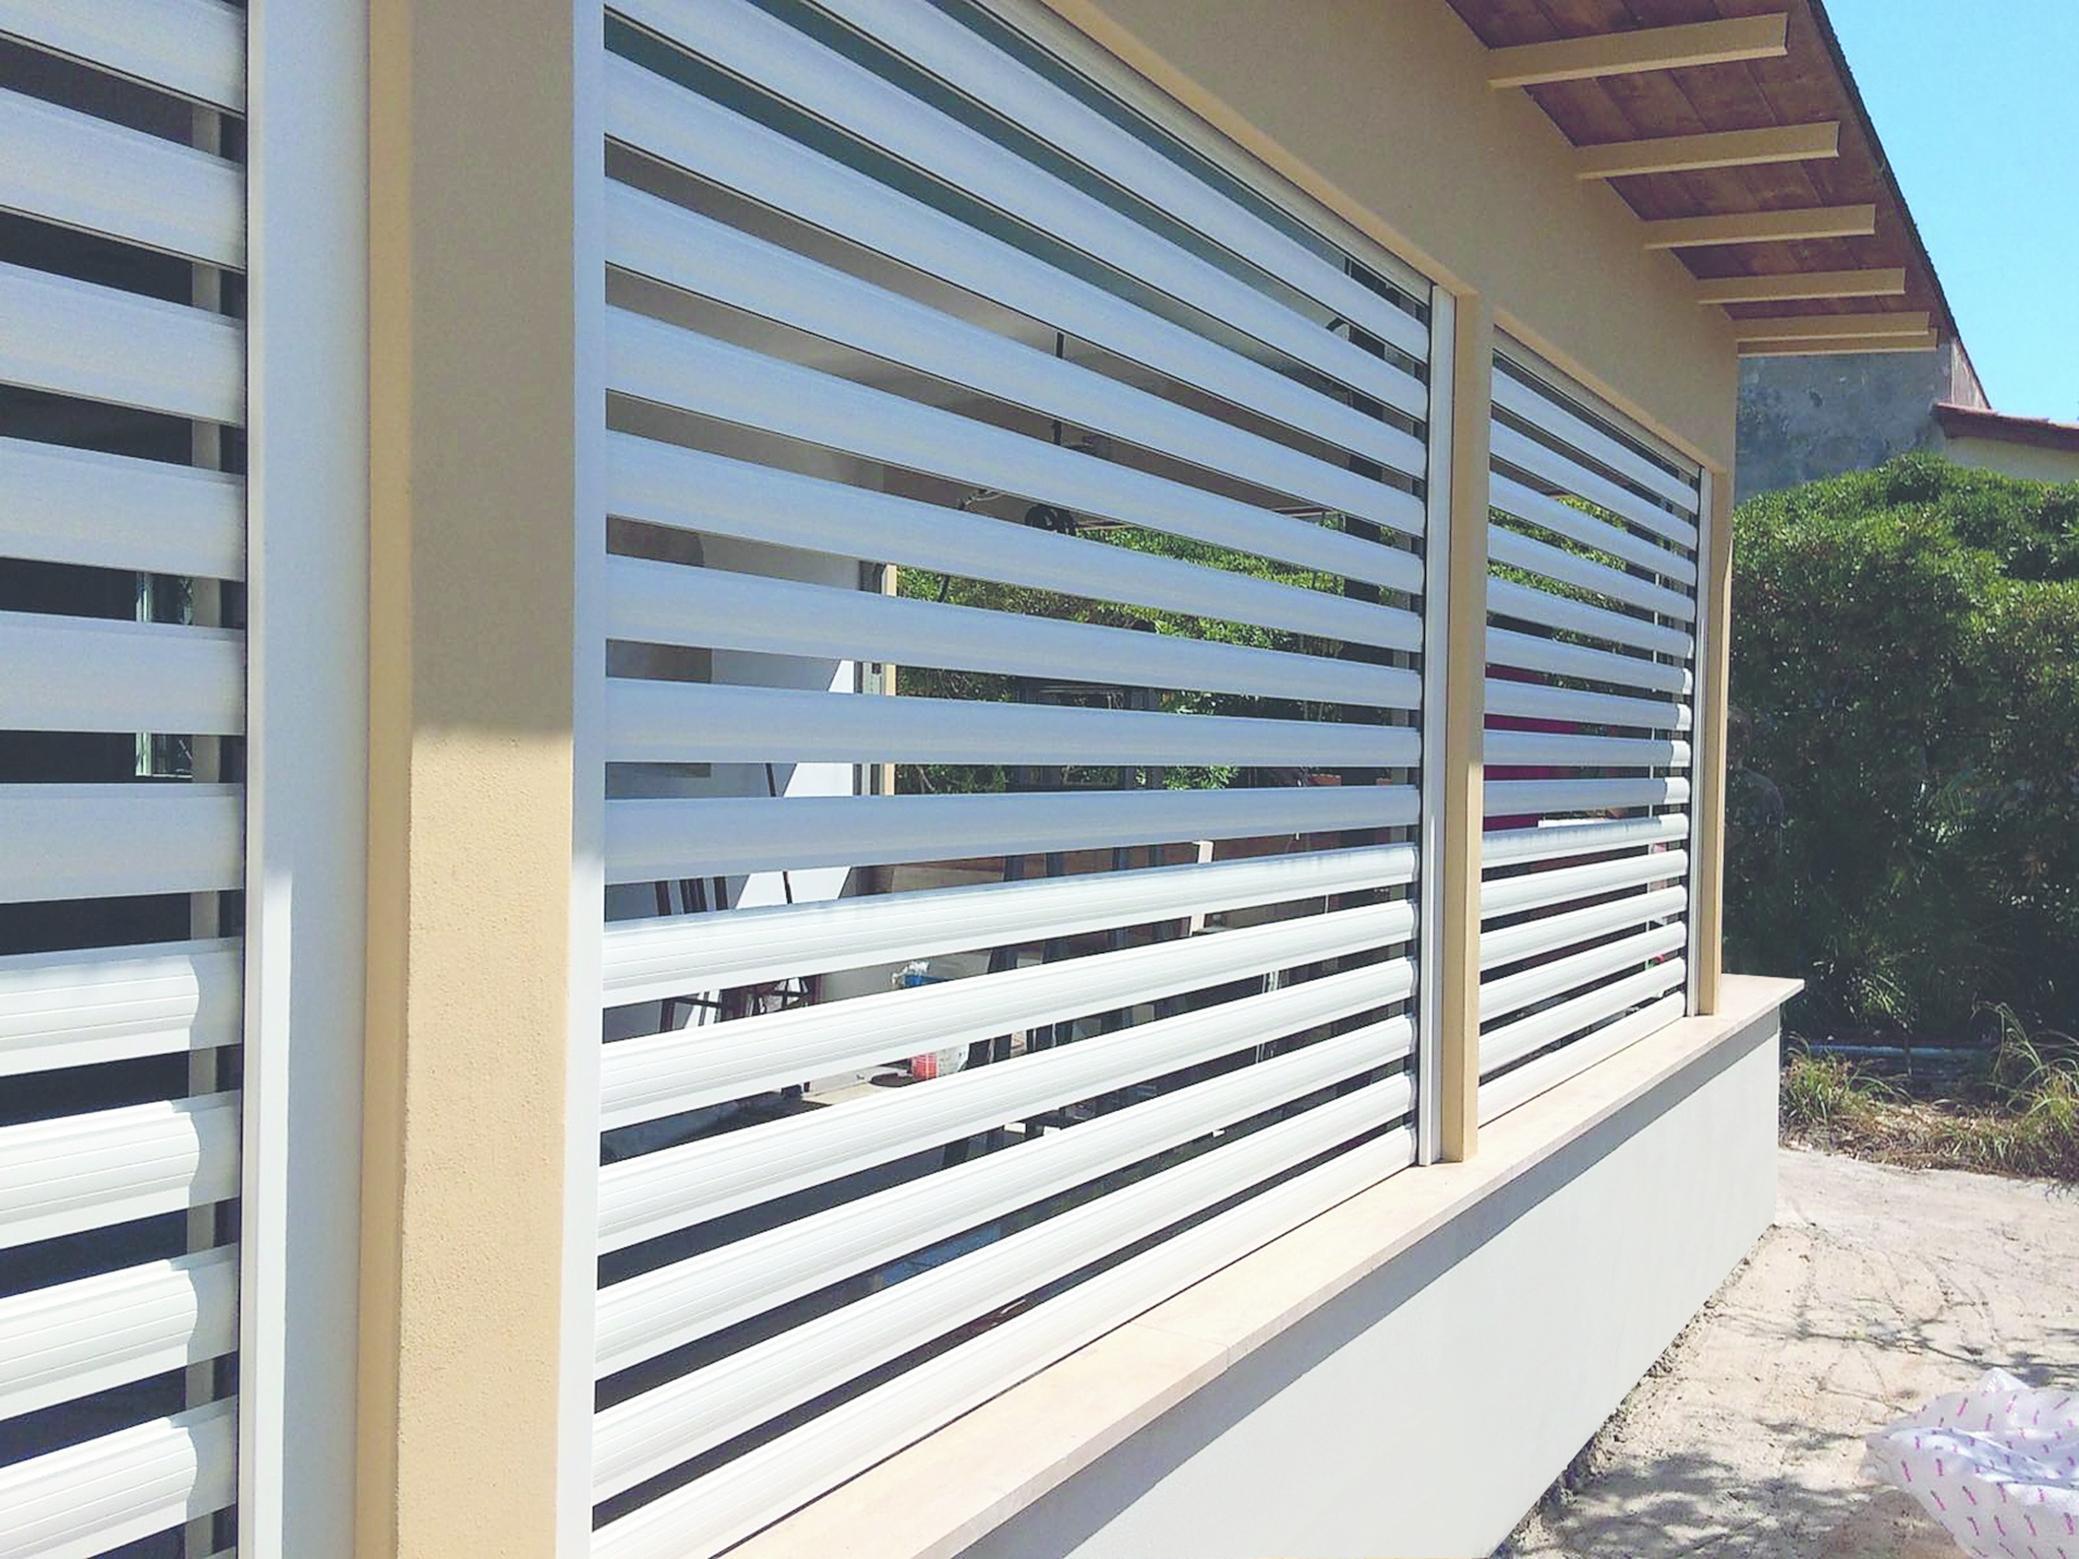 Tapparelle blindate ed elettriche quali dettagli valutare per l 39 acquisto cose di casa - Serranda elettrica casa ...